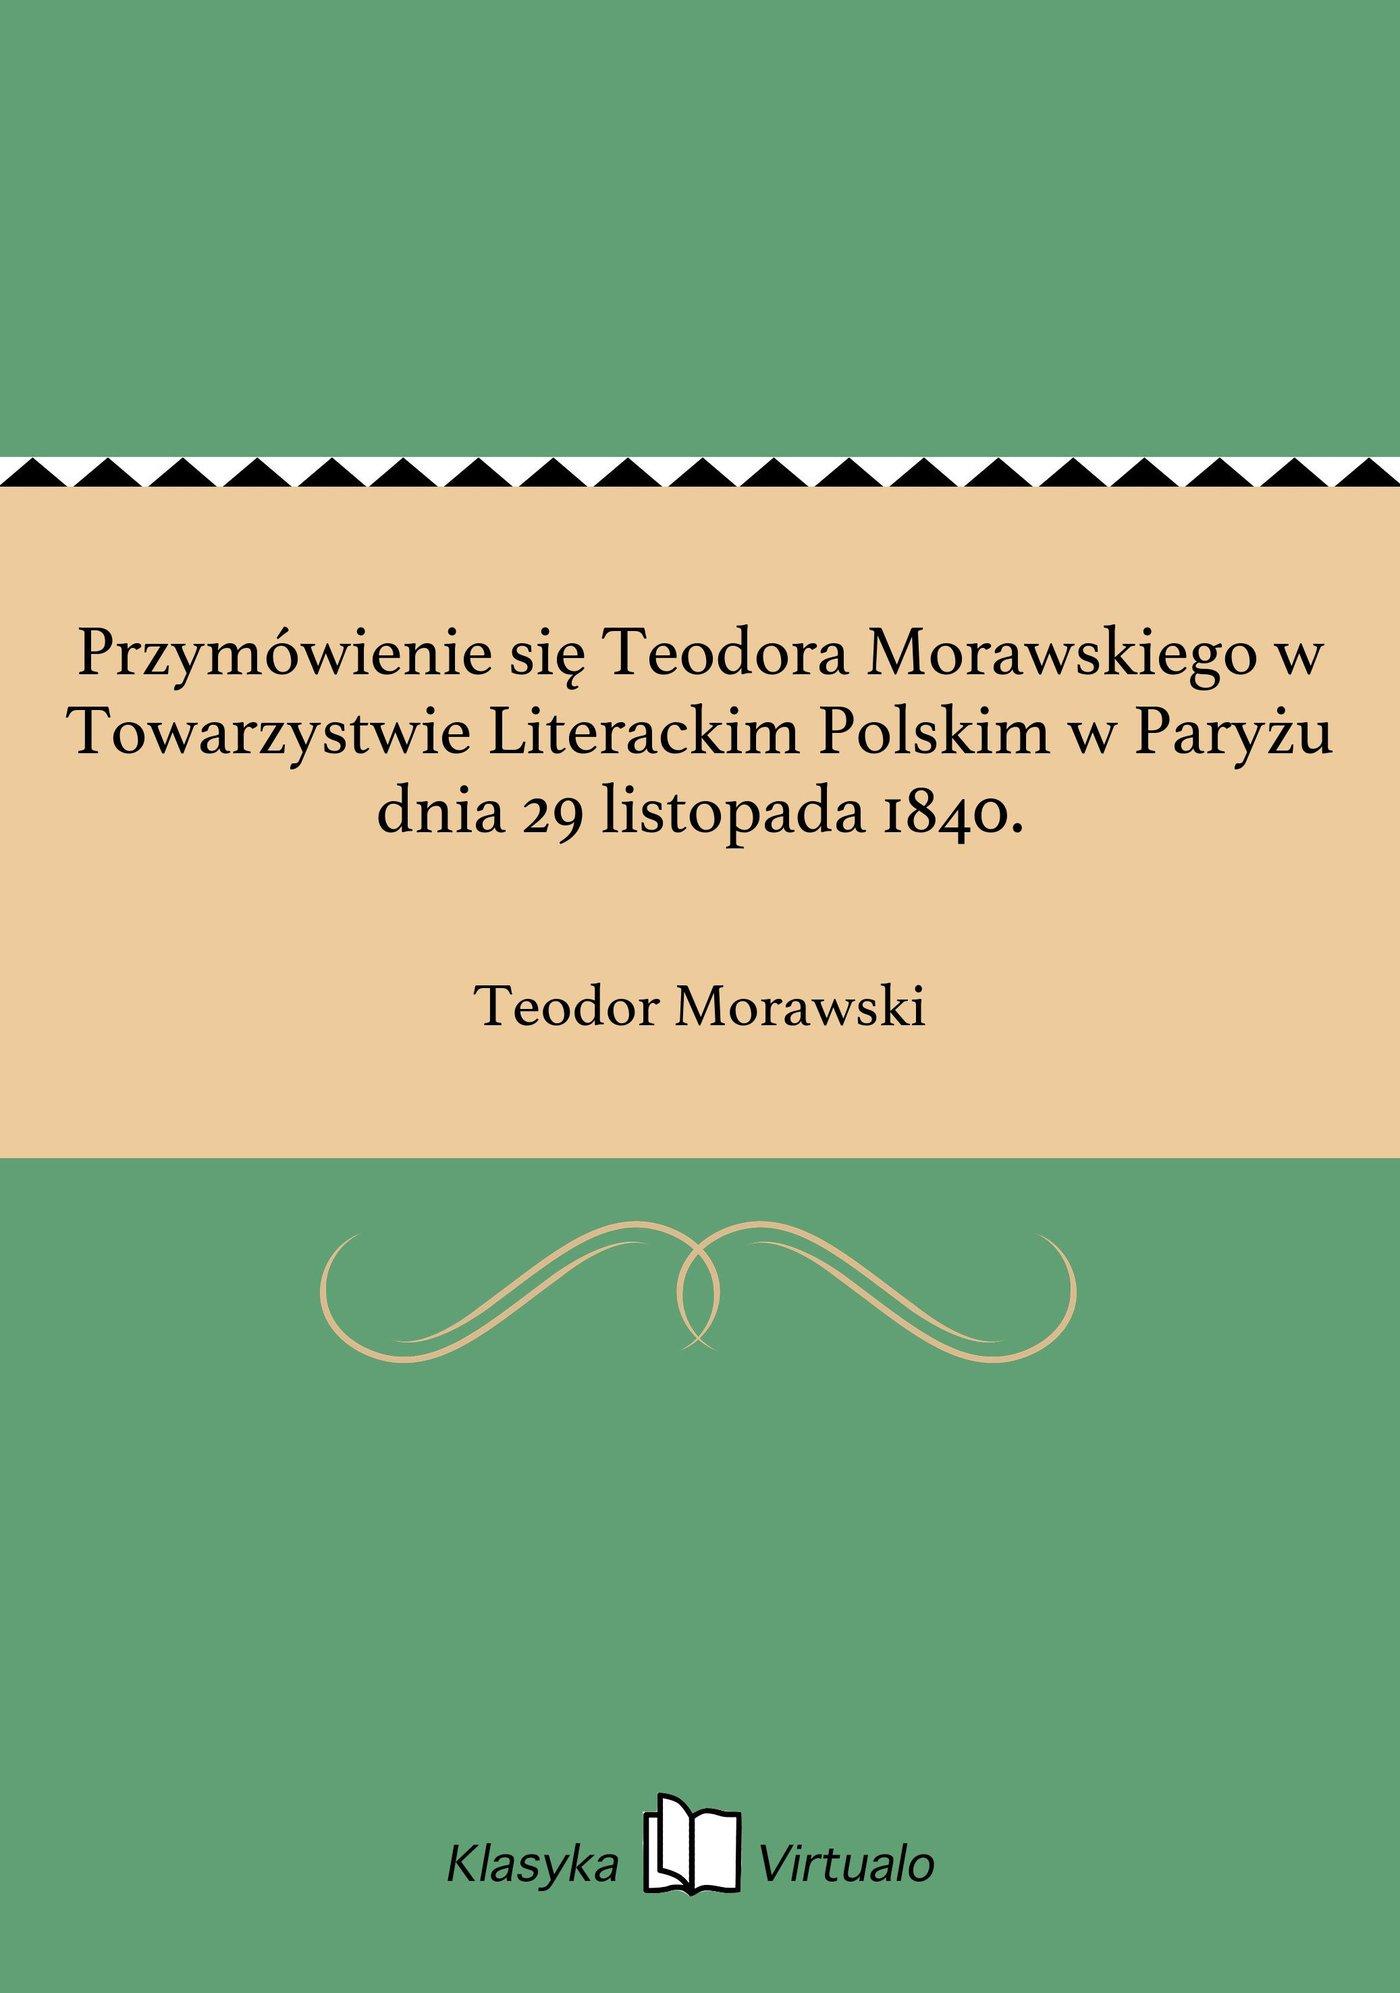 Przymówienie się Teodora Morawskiego w Towarzystwie Literackim Polskim w Paryżu dnia 29 listopada 1840. - Ebook (Książka EPUB) do pobrania w formacie EPUB